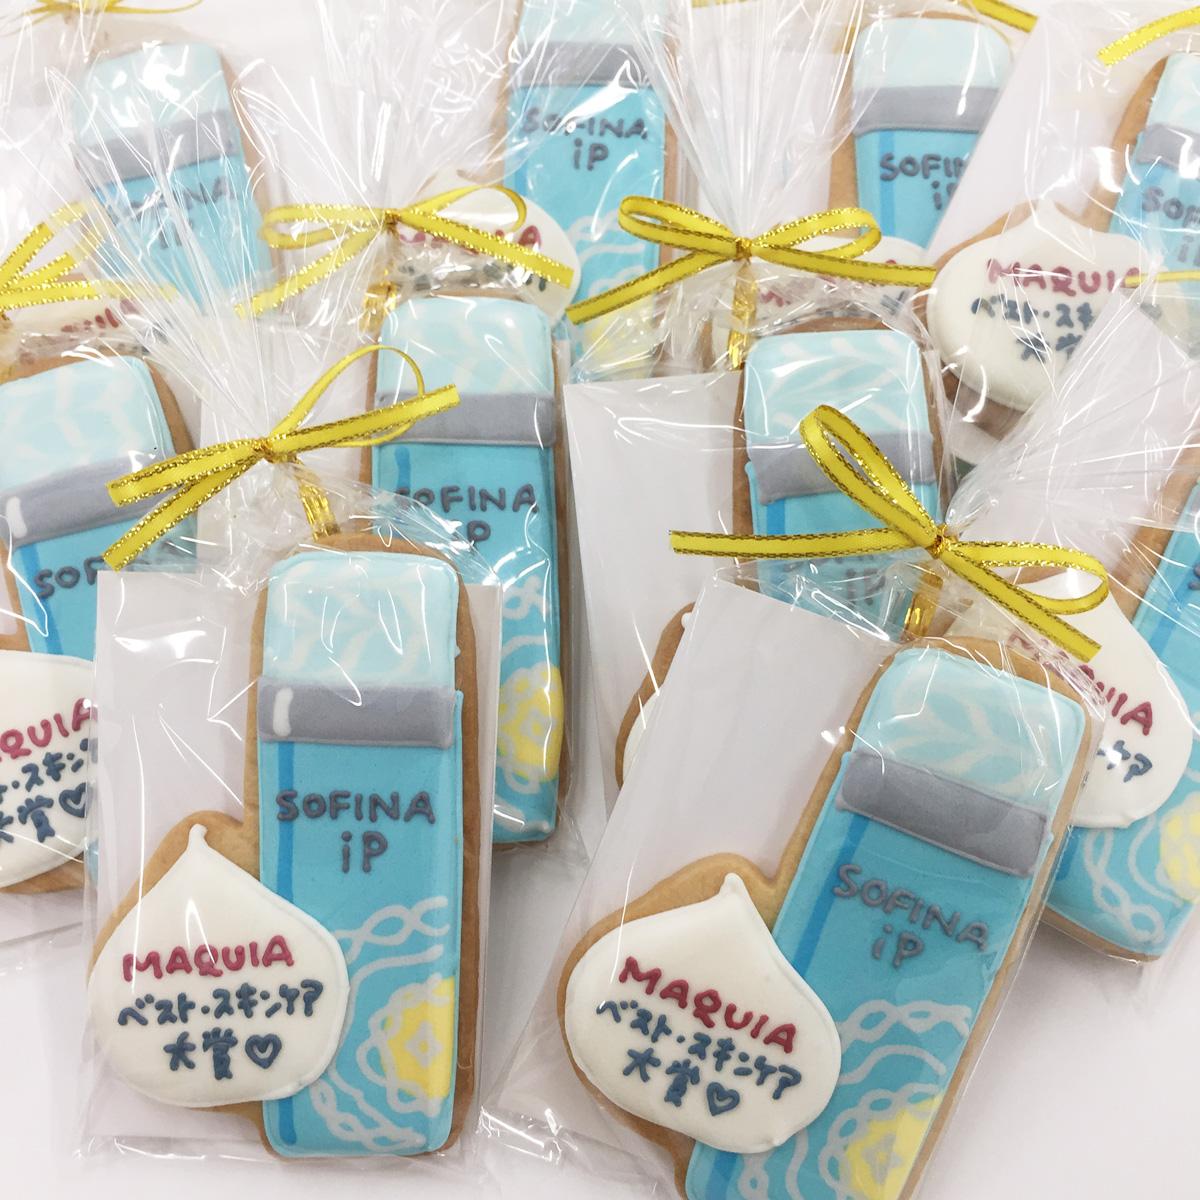 花王「SOFINA」記念クッキー